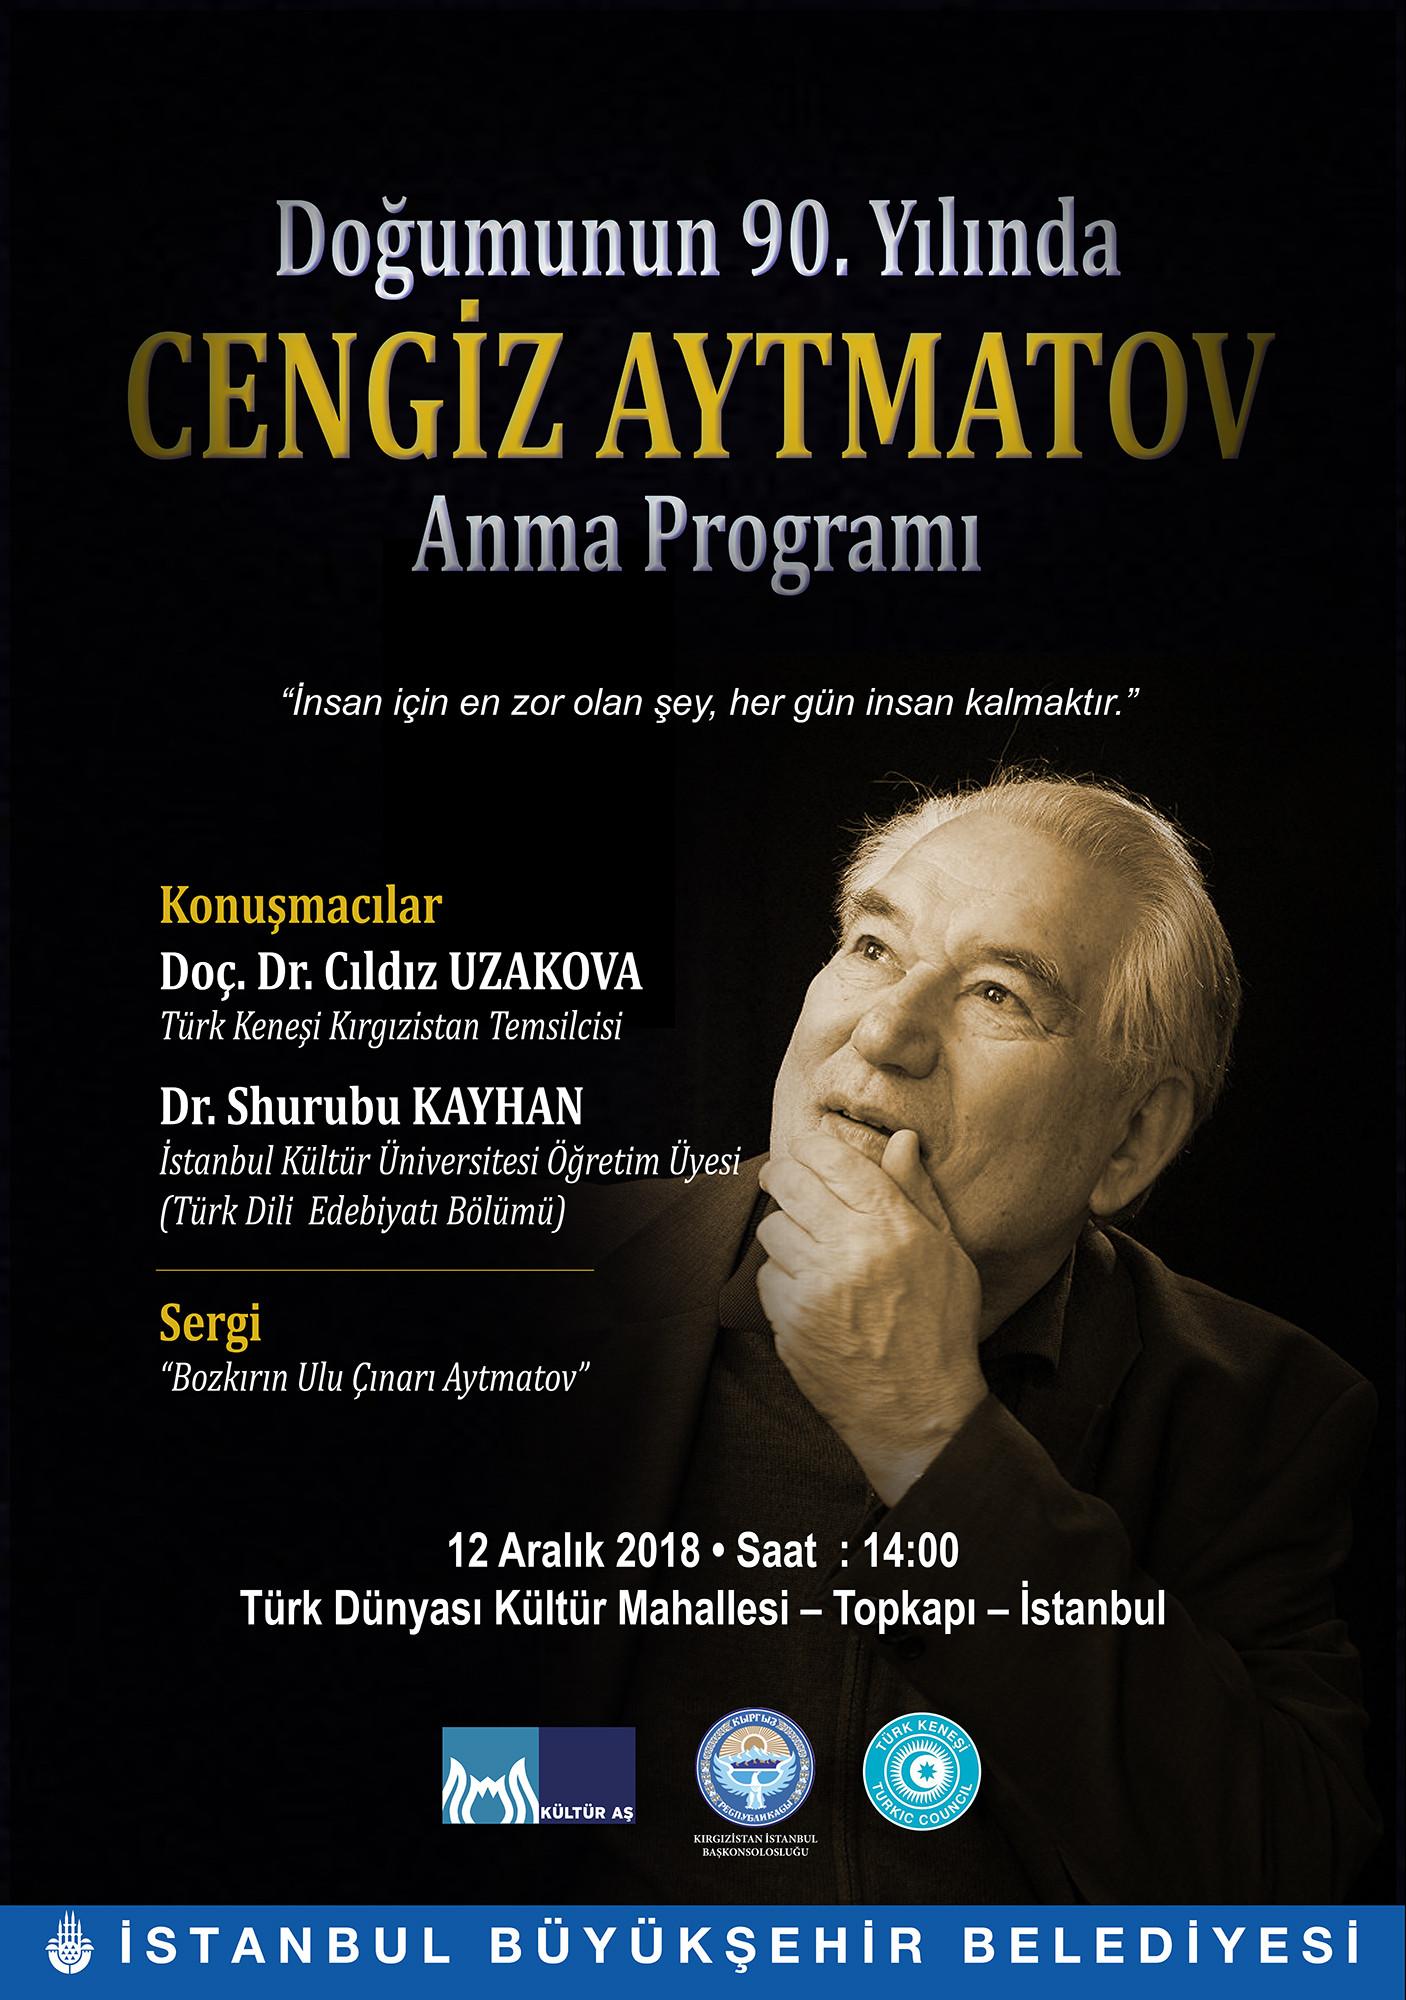 İBB'den Doğumunun 90. Yılında Cengiz Aytmatov Anma Programı Galeri - 1. Resim